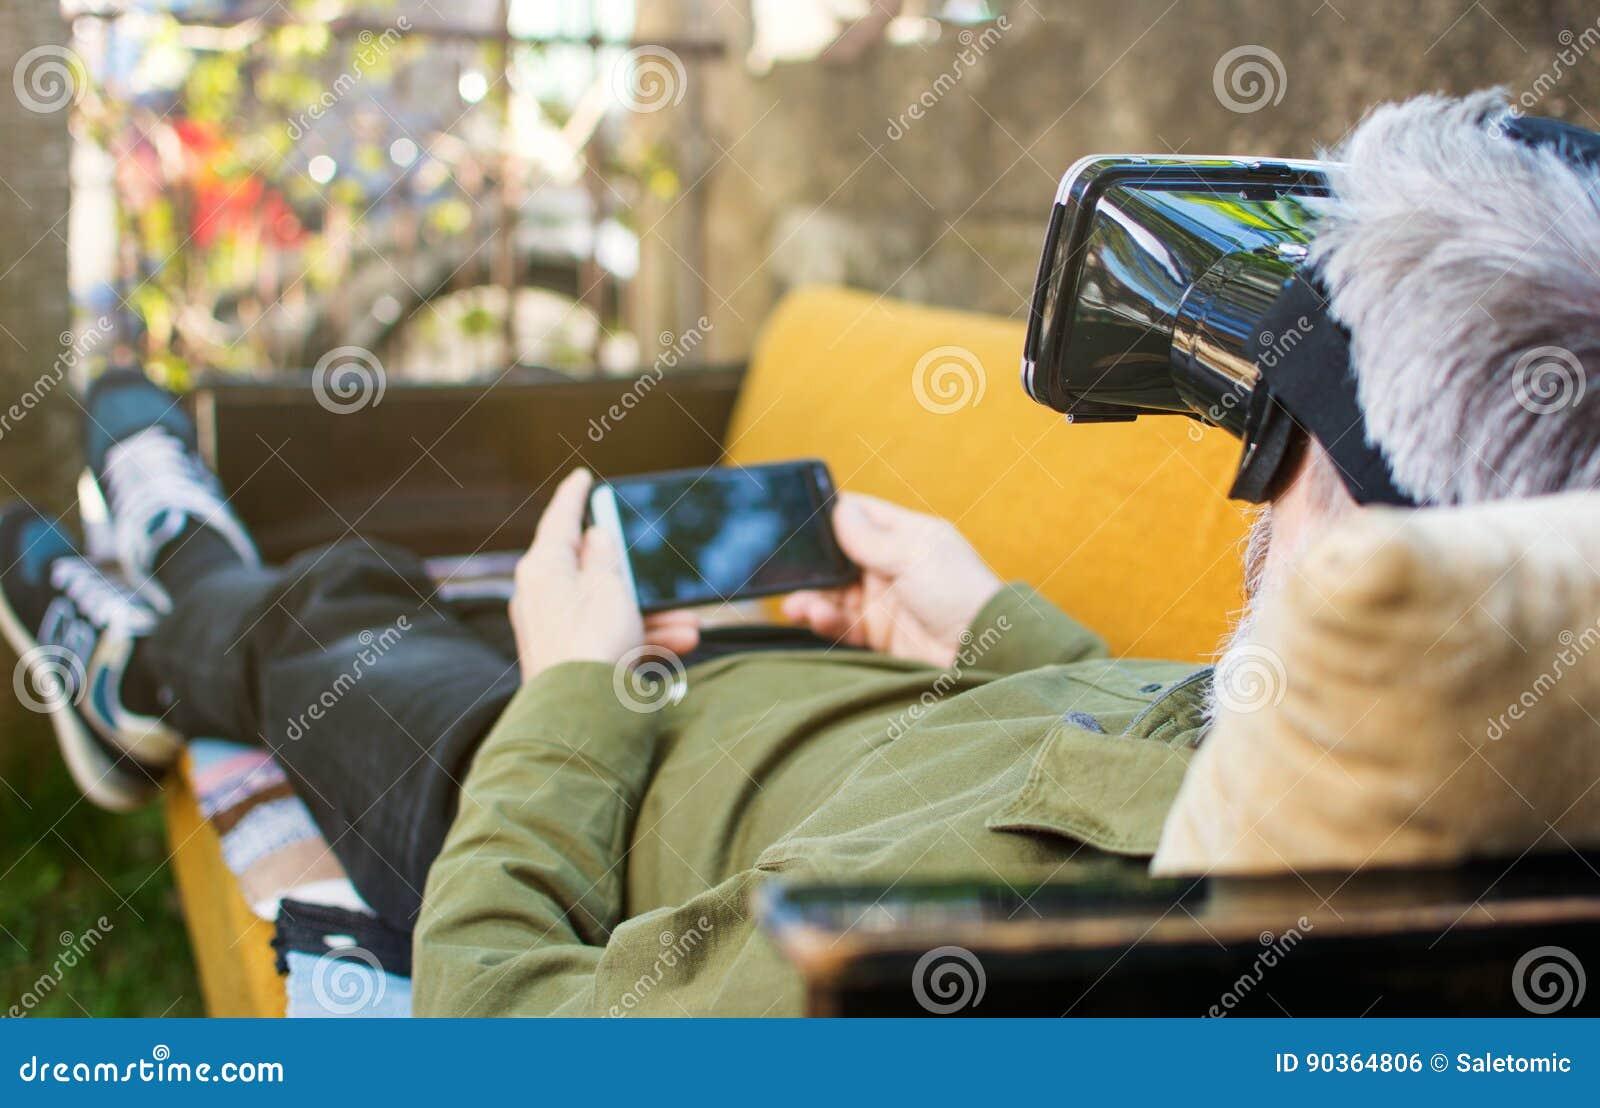 Uomo senior che usando realtà virtuale su un letto di sofà